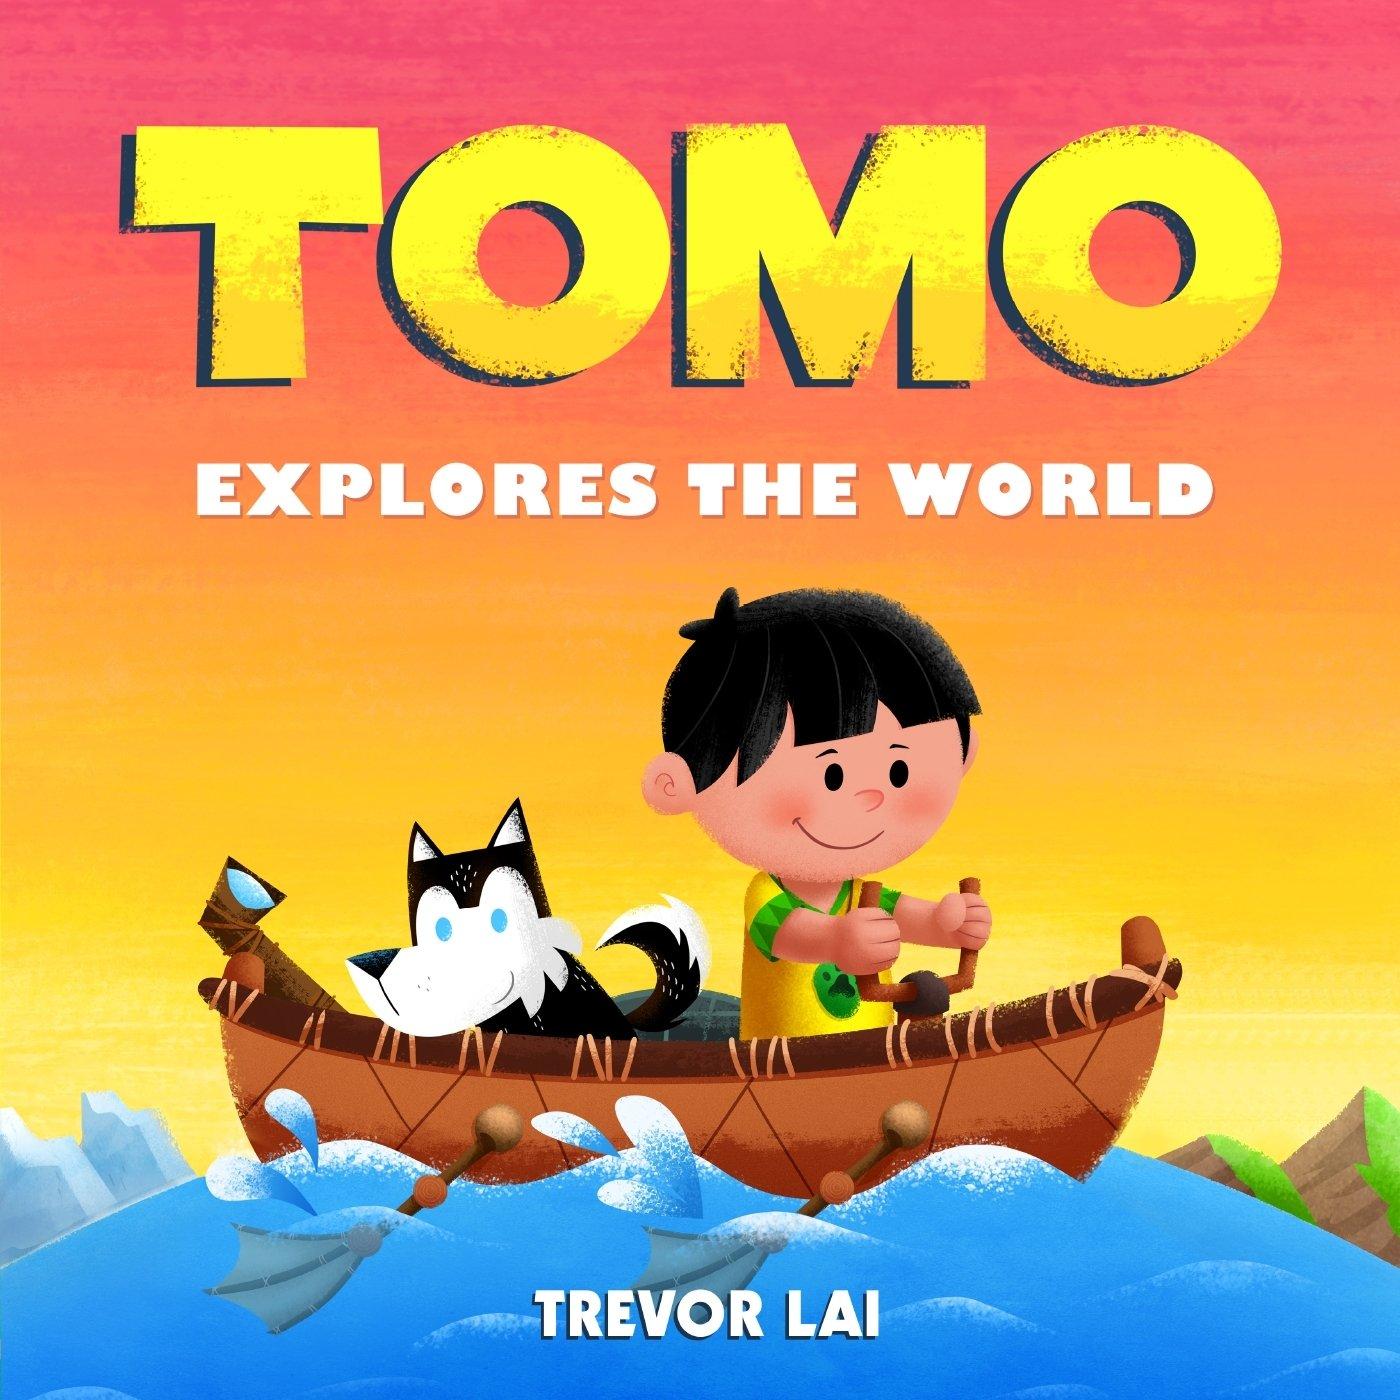 Tomo explores the world tomos adventure journal trevor lai tomo explores the world tomos adventure journal trevor lai 9781250085450 amazon books fandeluxe Choice Image